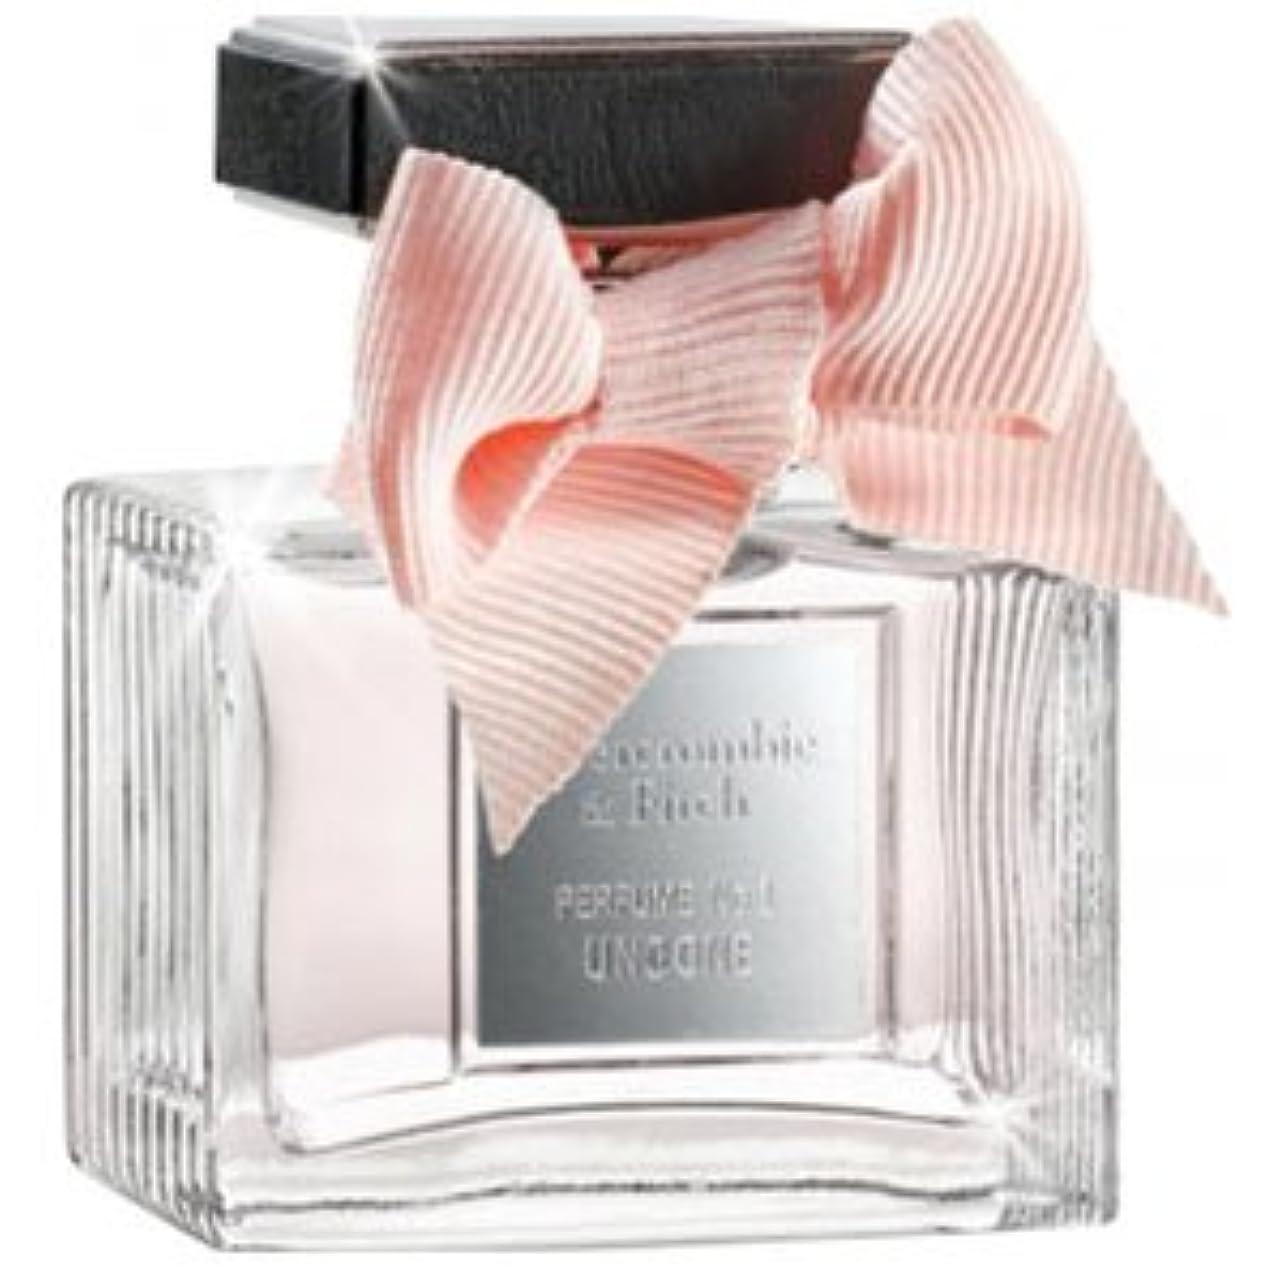 操る細いトラフAbercrombie Perfume No.1 Undone (アバクロンベ フィッチ No.1 アンダン) 1.7 oz (50ml) EDTSpray for Women